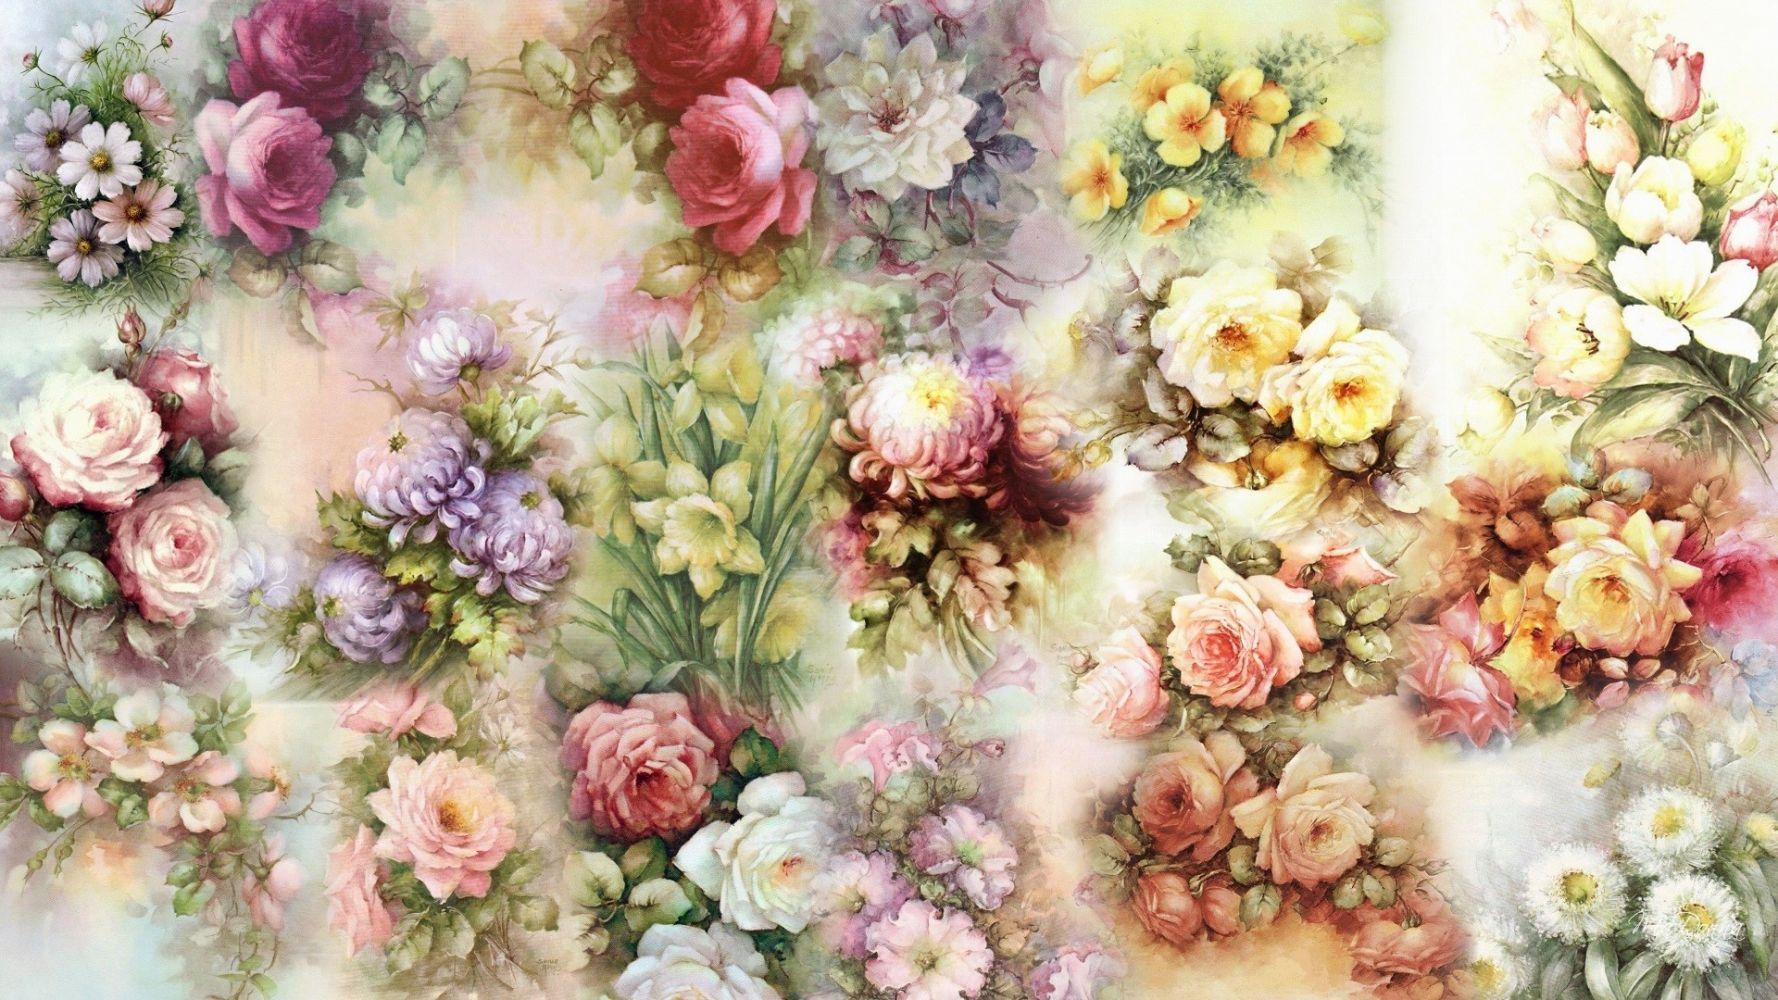 вода, картинки для декупажа мелкие цветочки прованс отвечаем вопросы